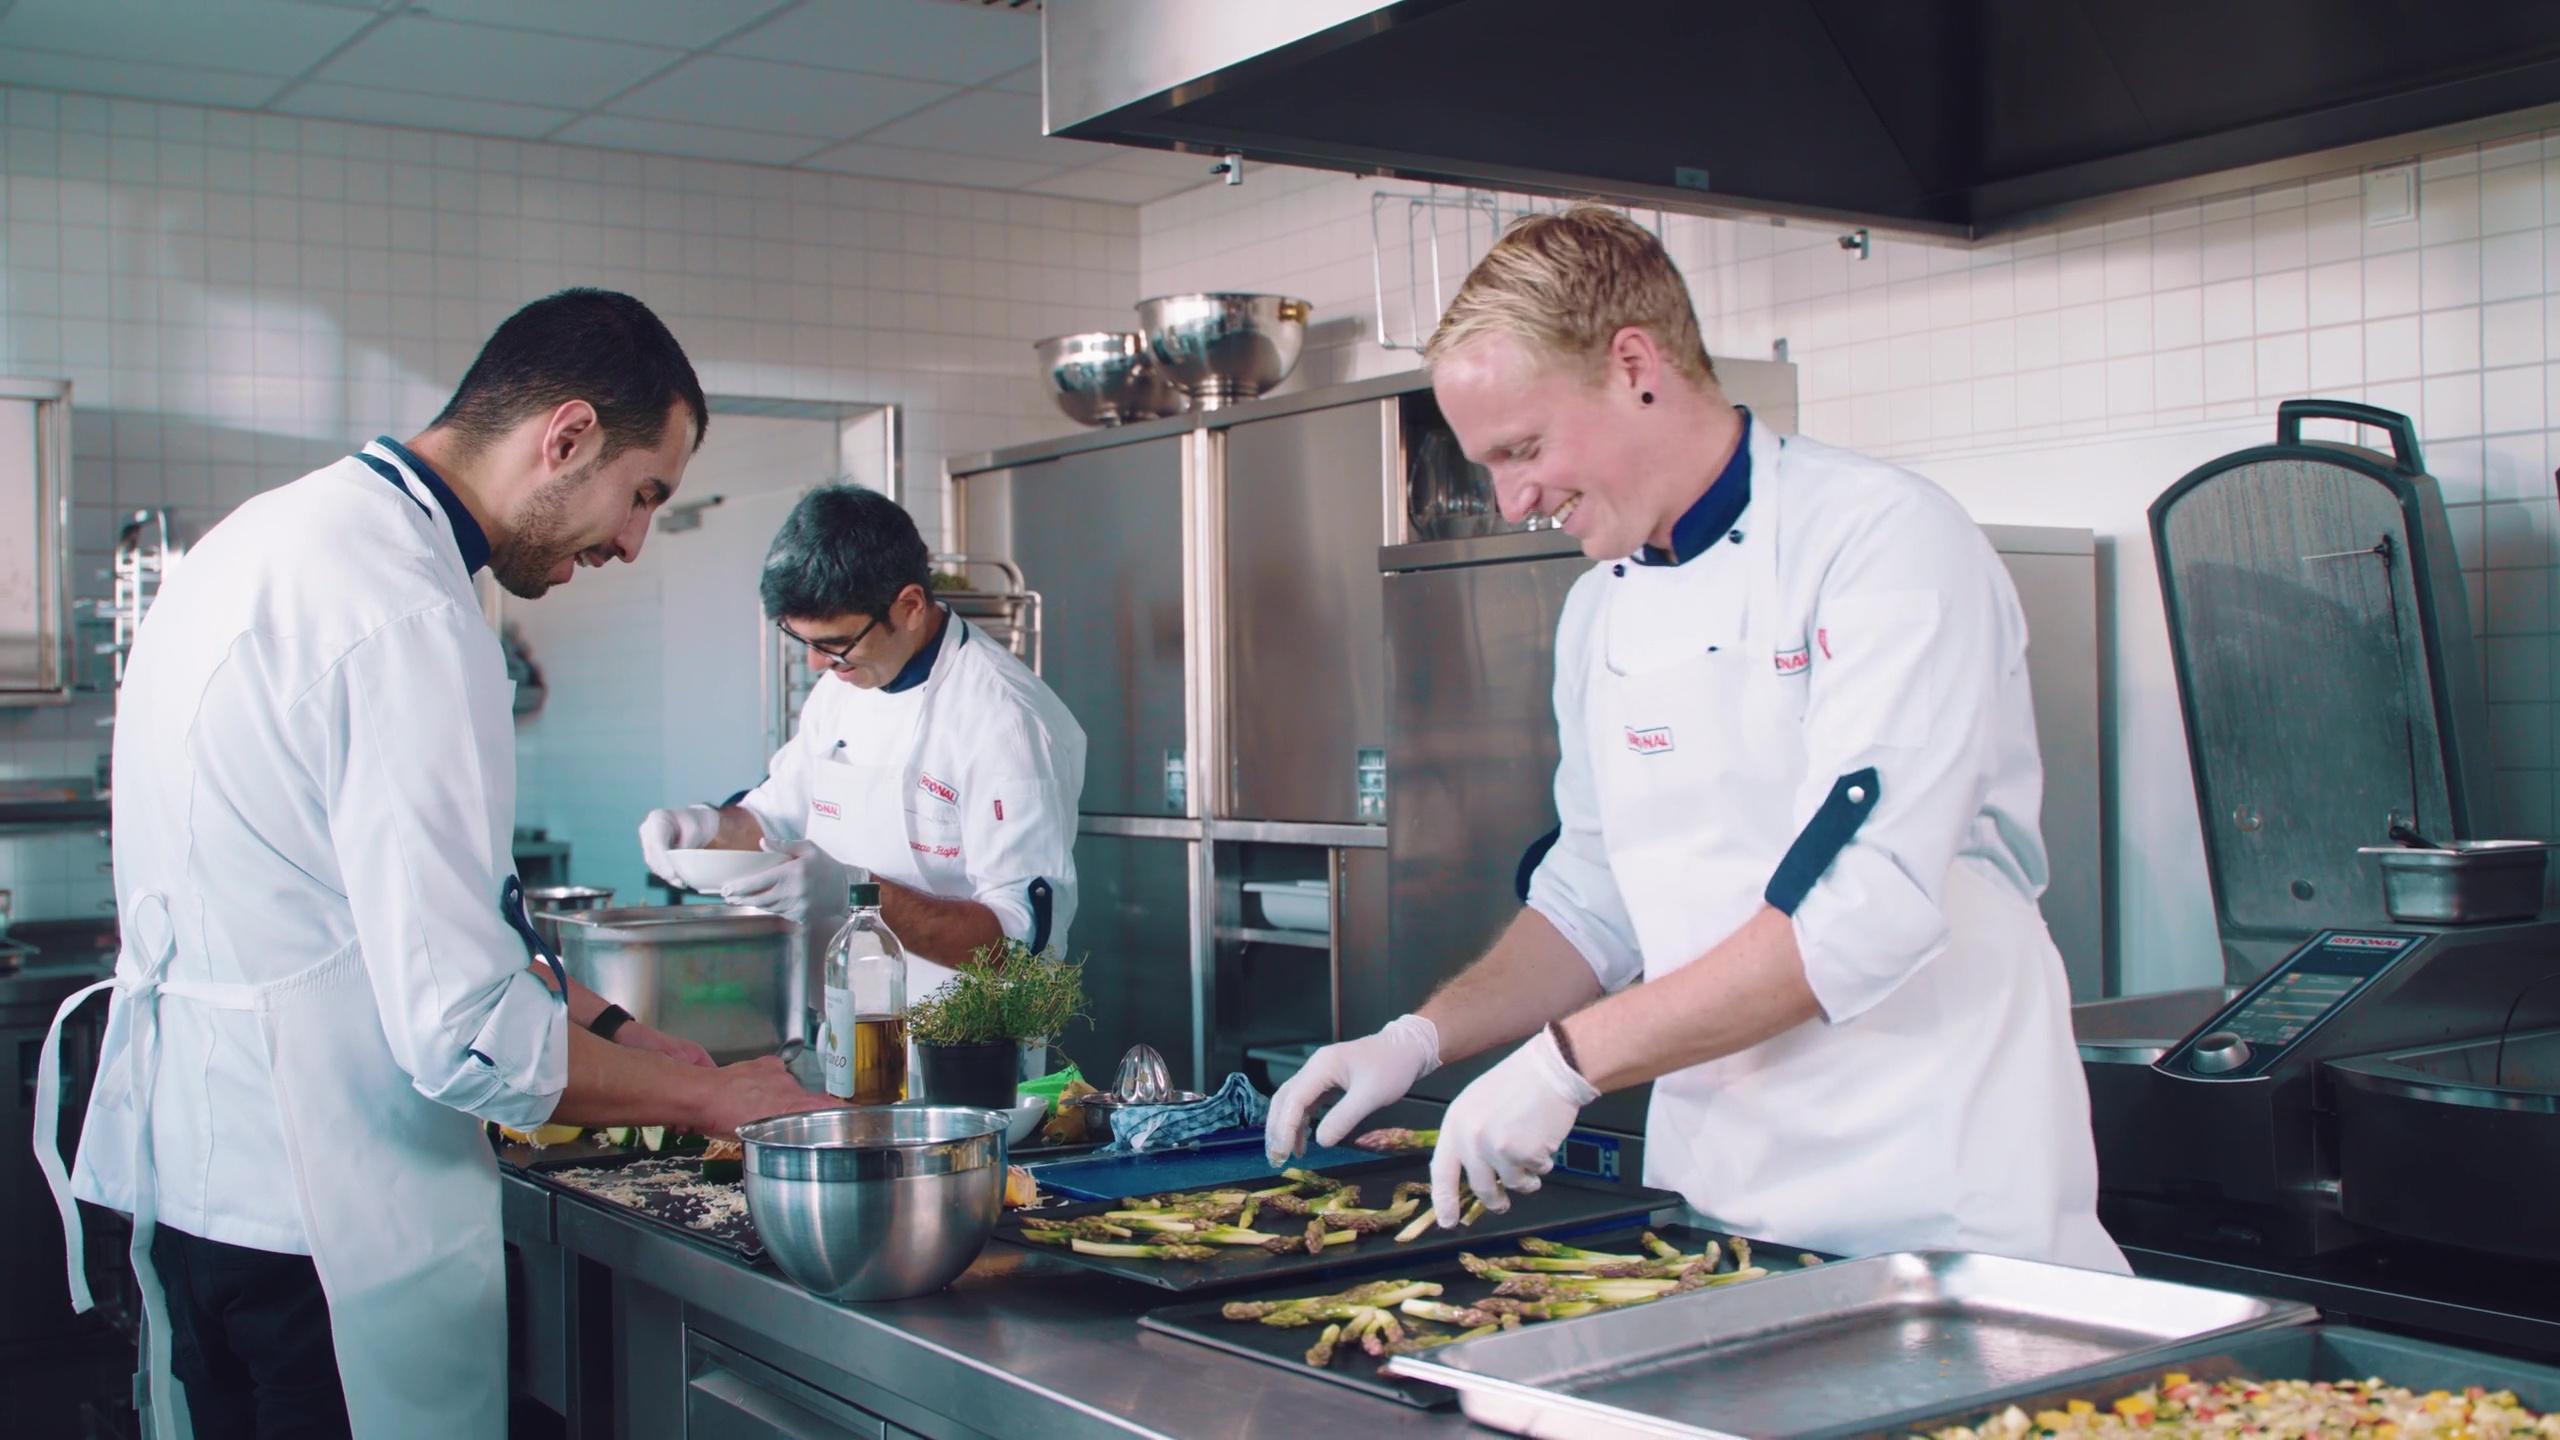 Köche haben Spaß beim Kochen